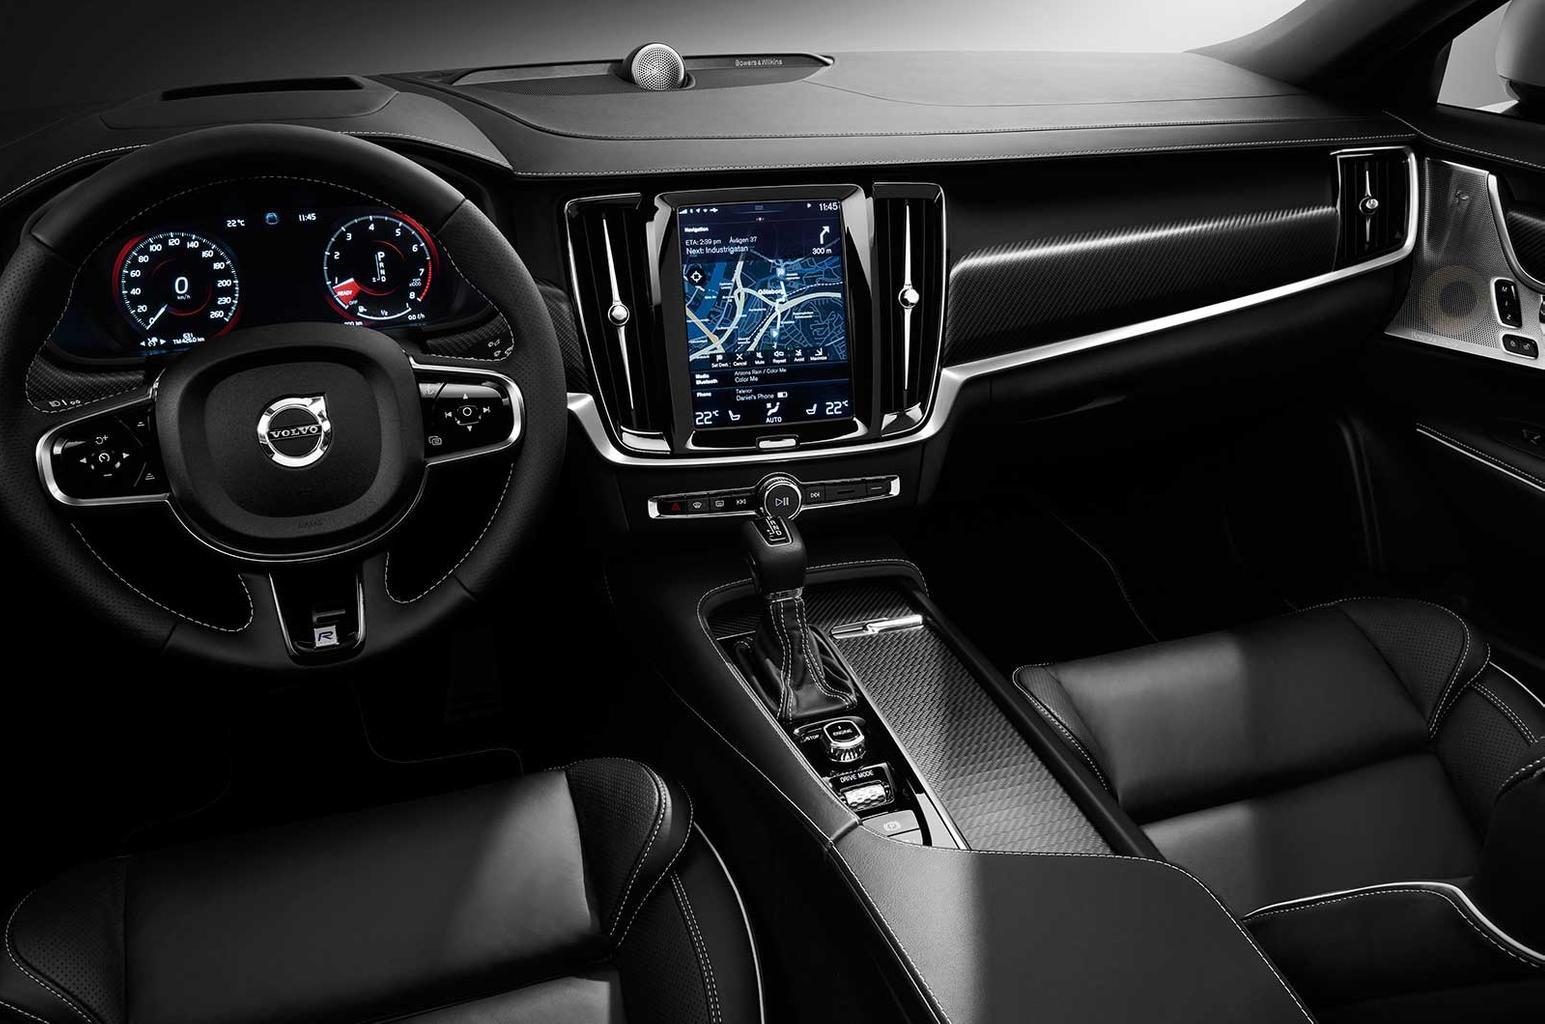 New Volvo S90 and V90 R-Design models revealed